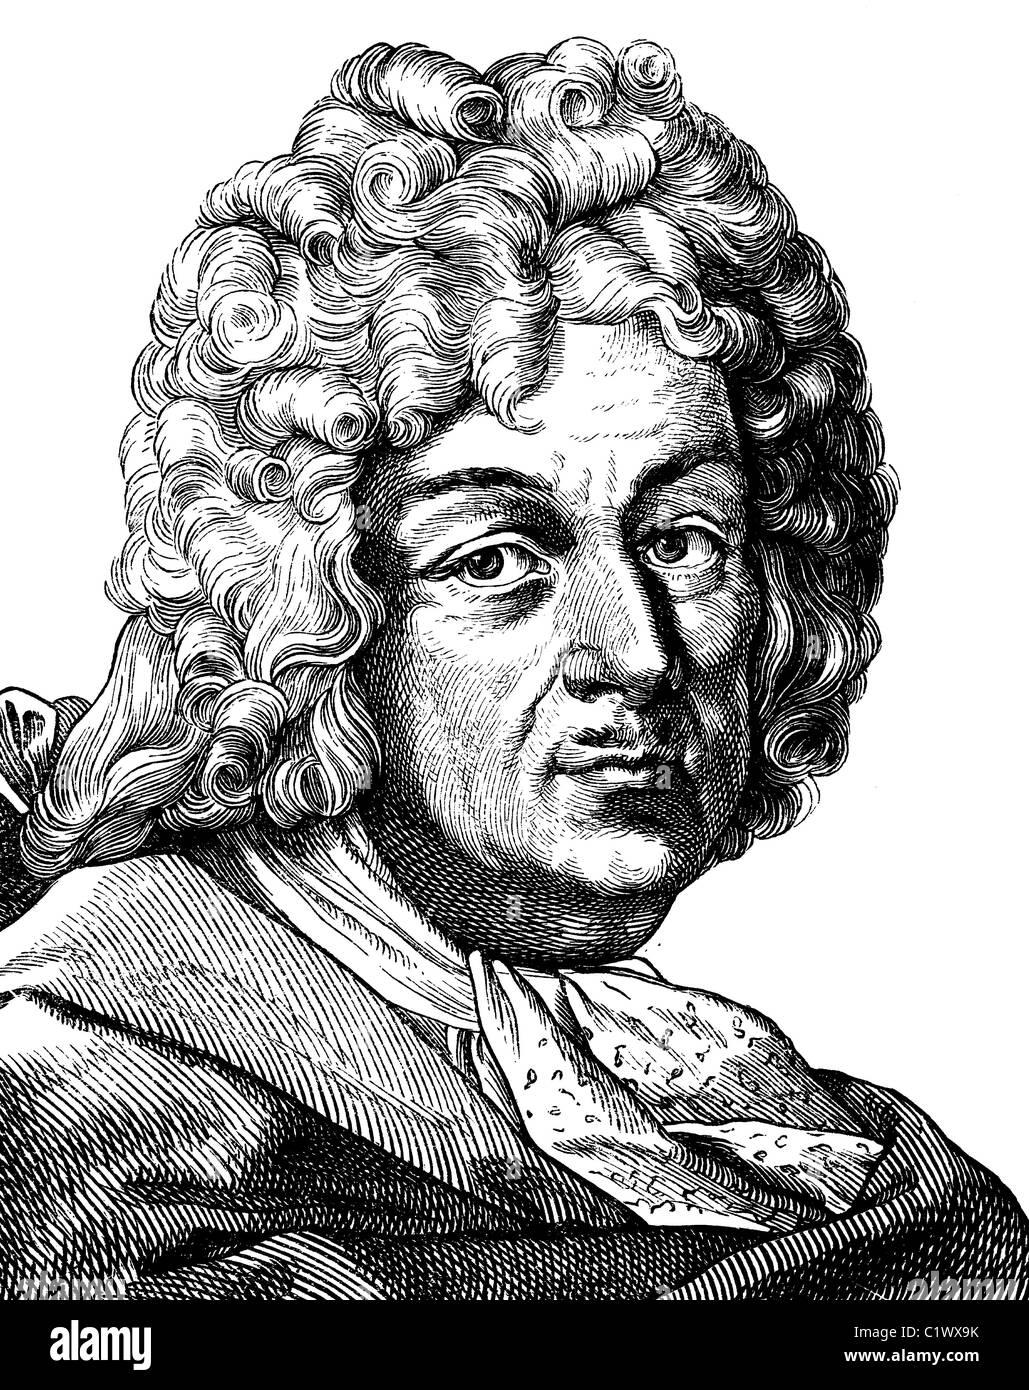 Verbesserte Digitalbild von Hiob Ludolf, Begründer der äthiopischen Studien, 1624-1704, historische Illustration, Stockbild